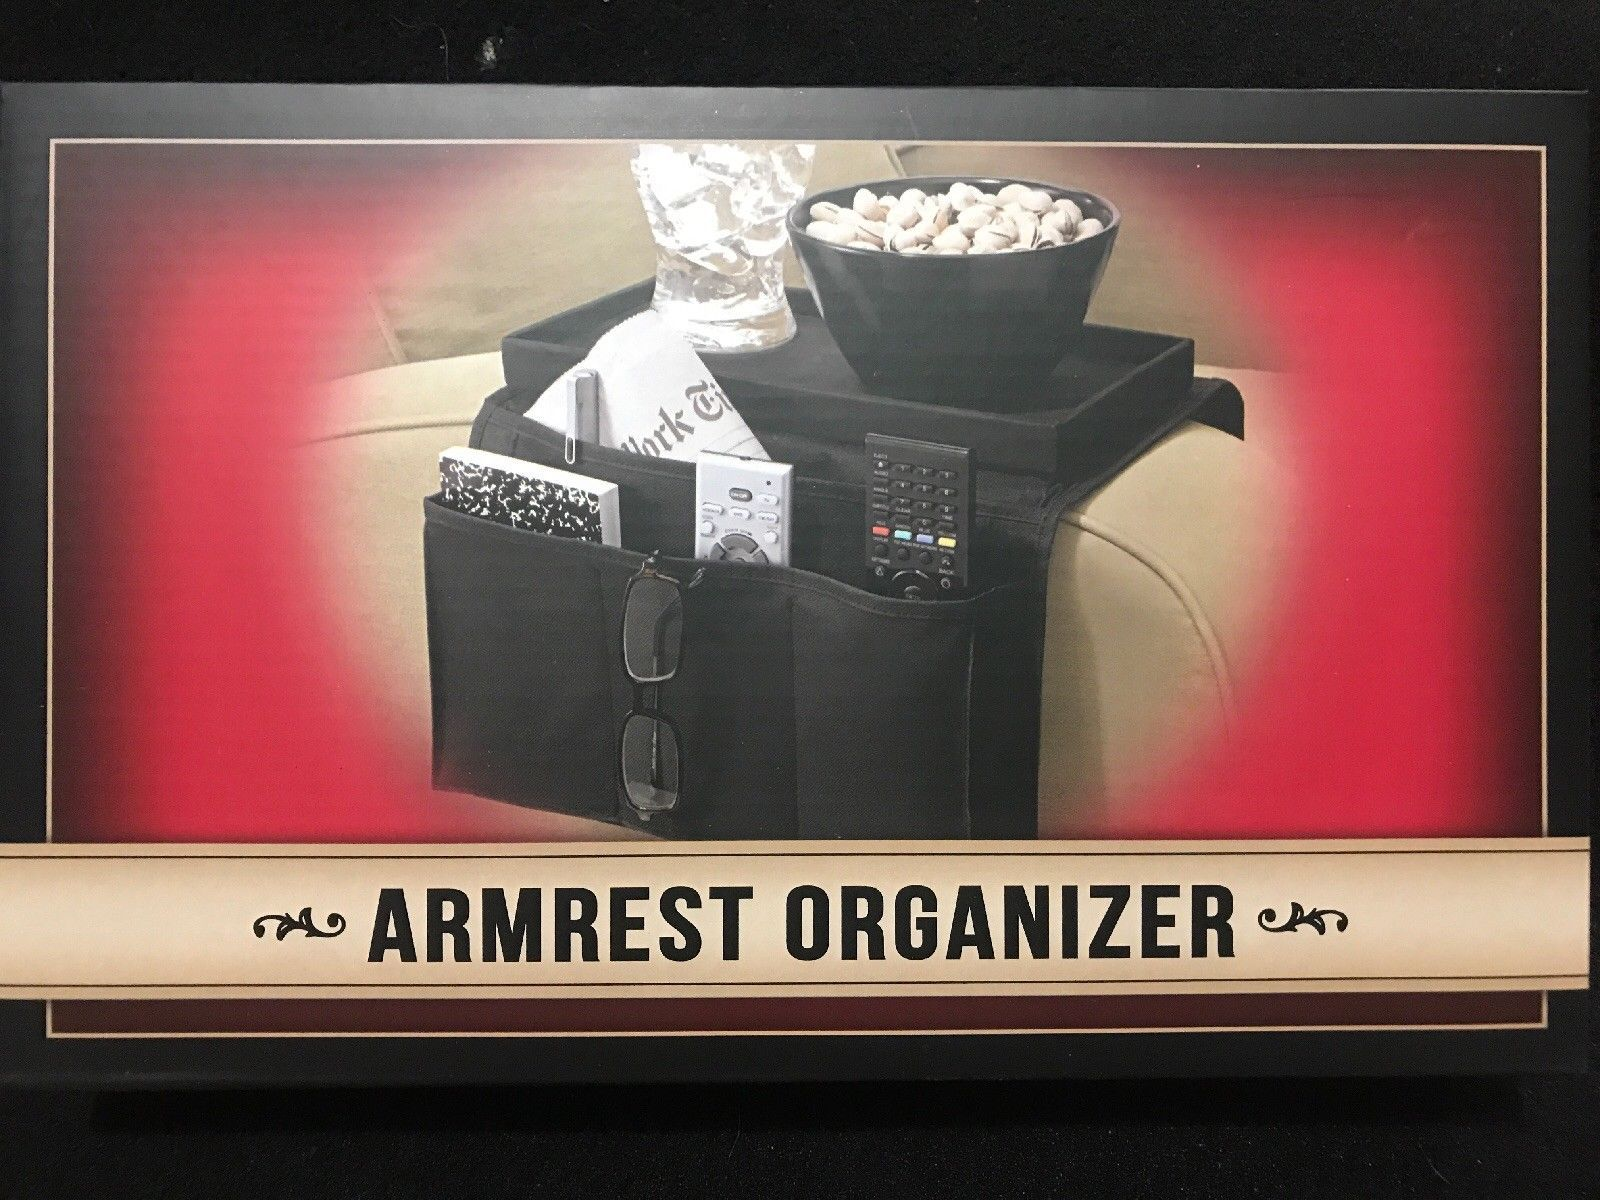 Samsonico USA 6-Pocket Nylon Armrest Organizer - Black SM-19960 Holiday Gift